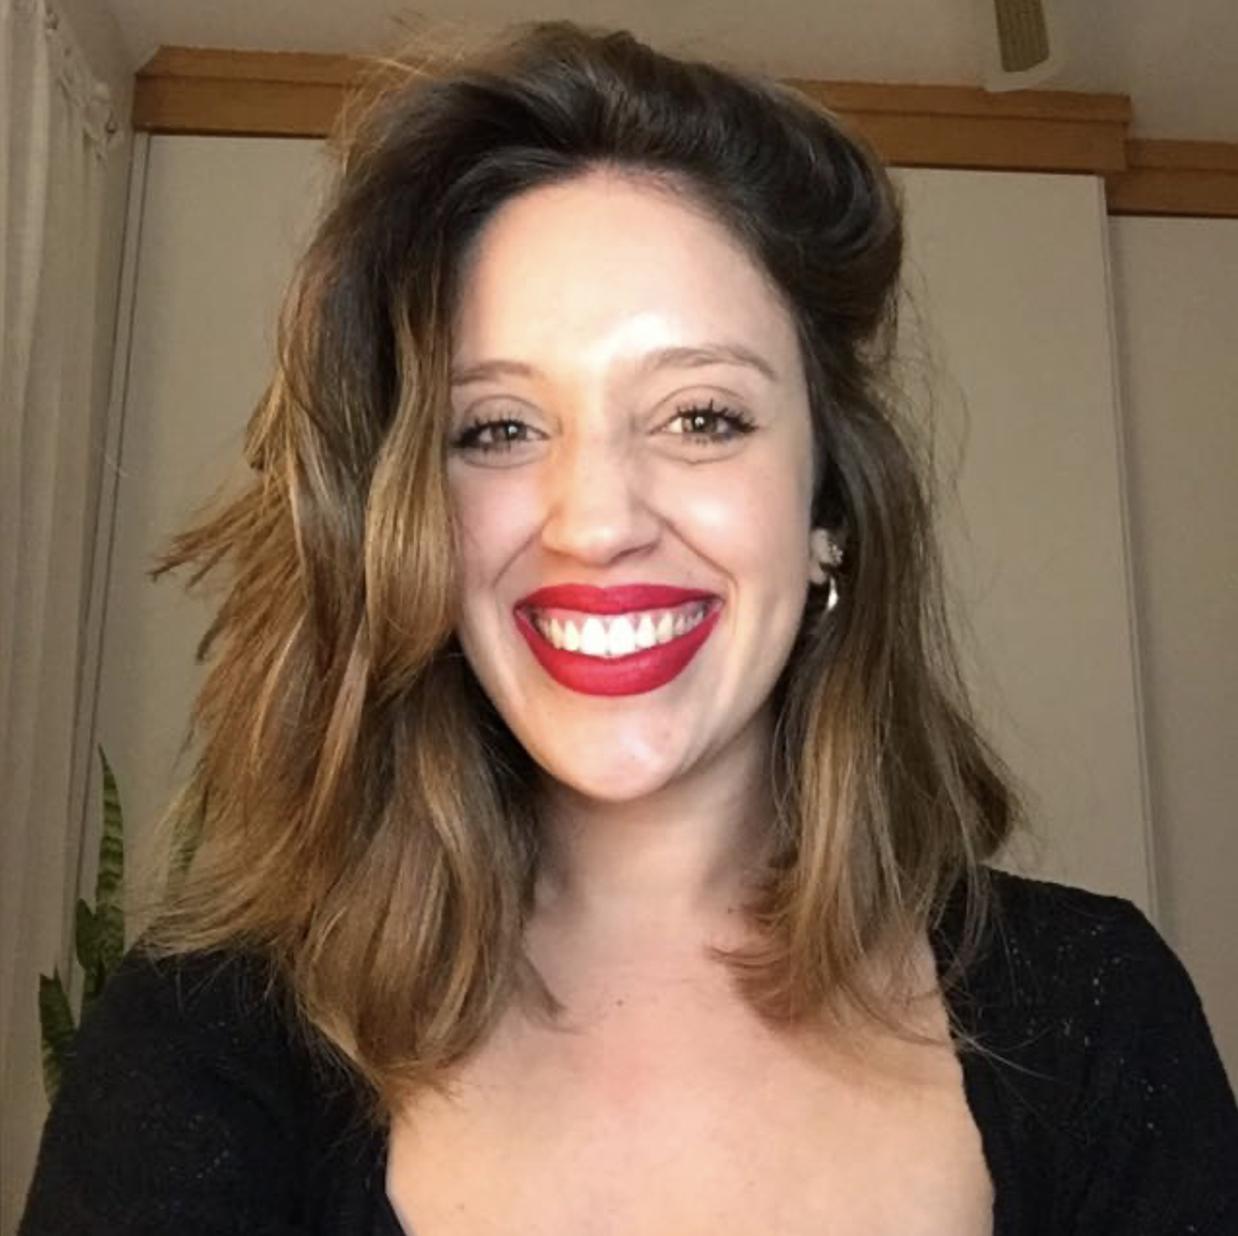 Júlia Barbieri Martini